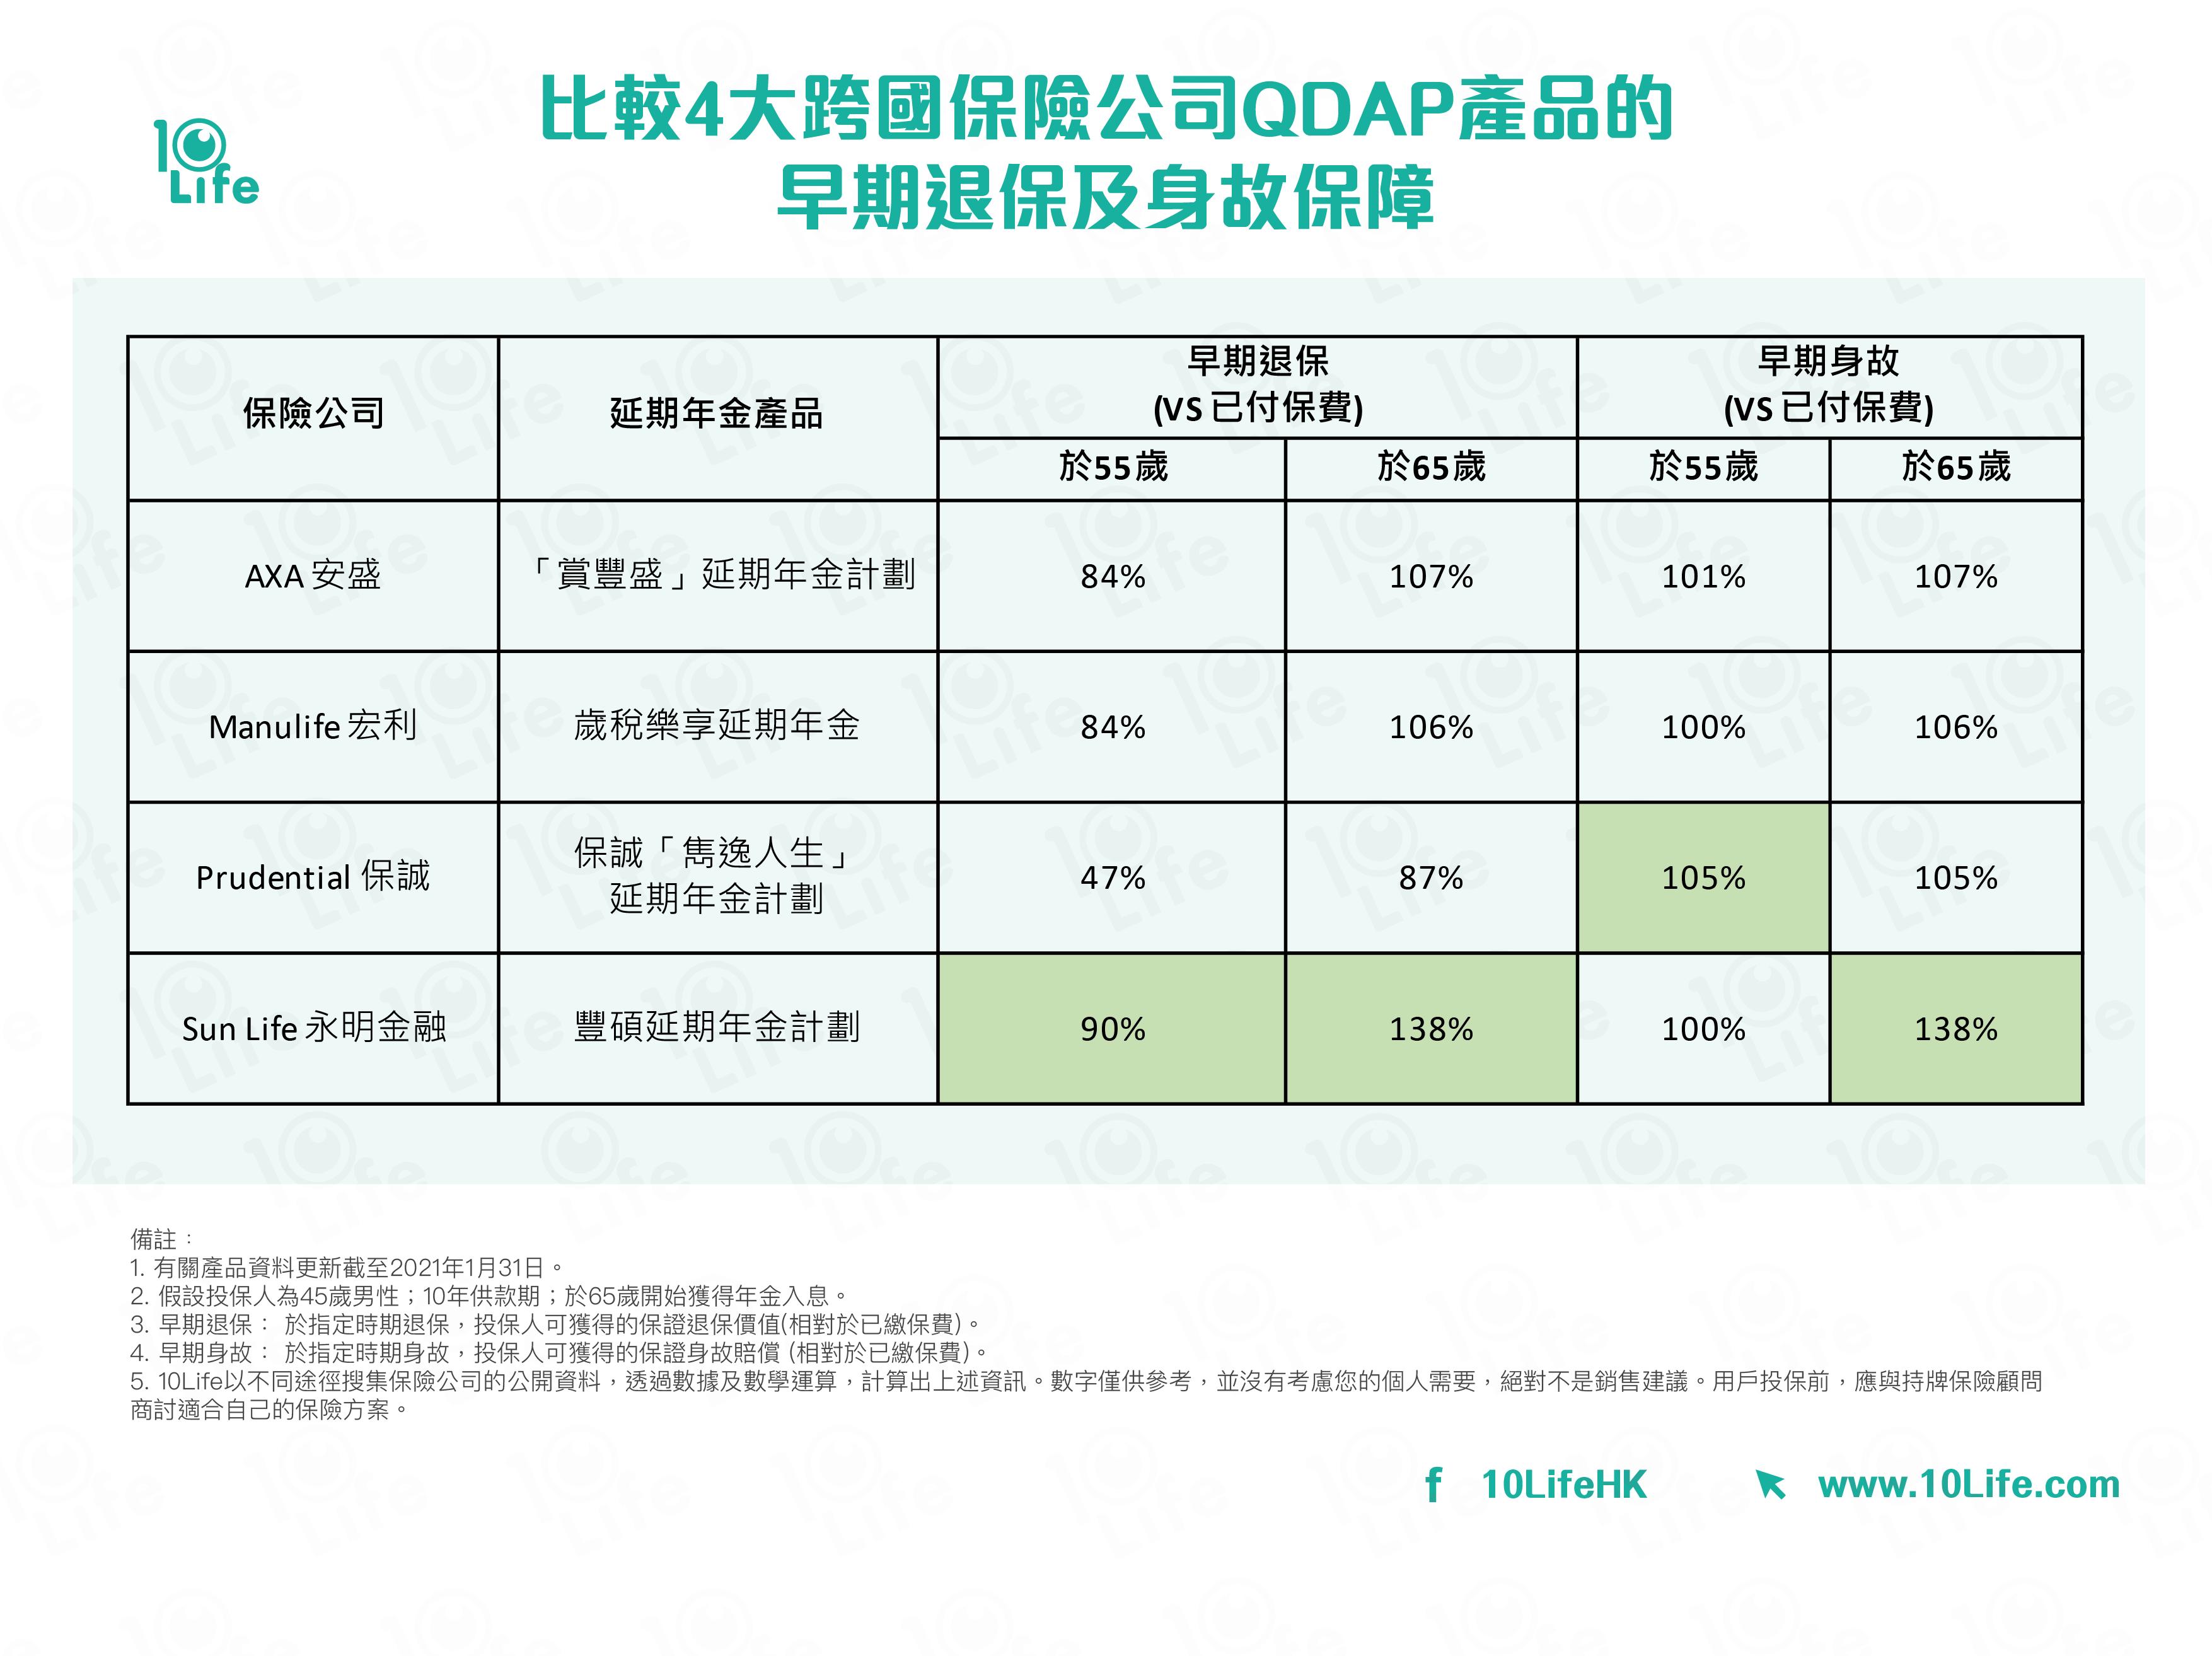 比較5大跨國保險公司QDAP產品的早期退保及身故保障: AXA 安盛; Manulife 宏利; Prudential 保誠;  Sun Life 永明金融